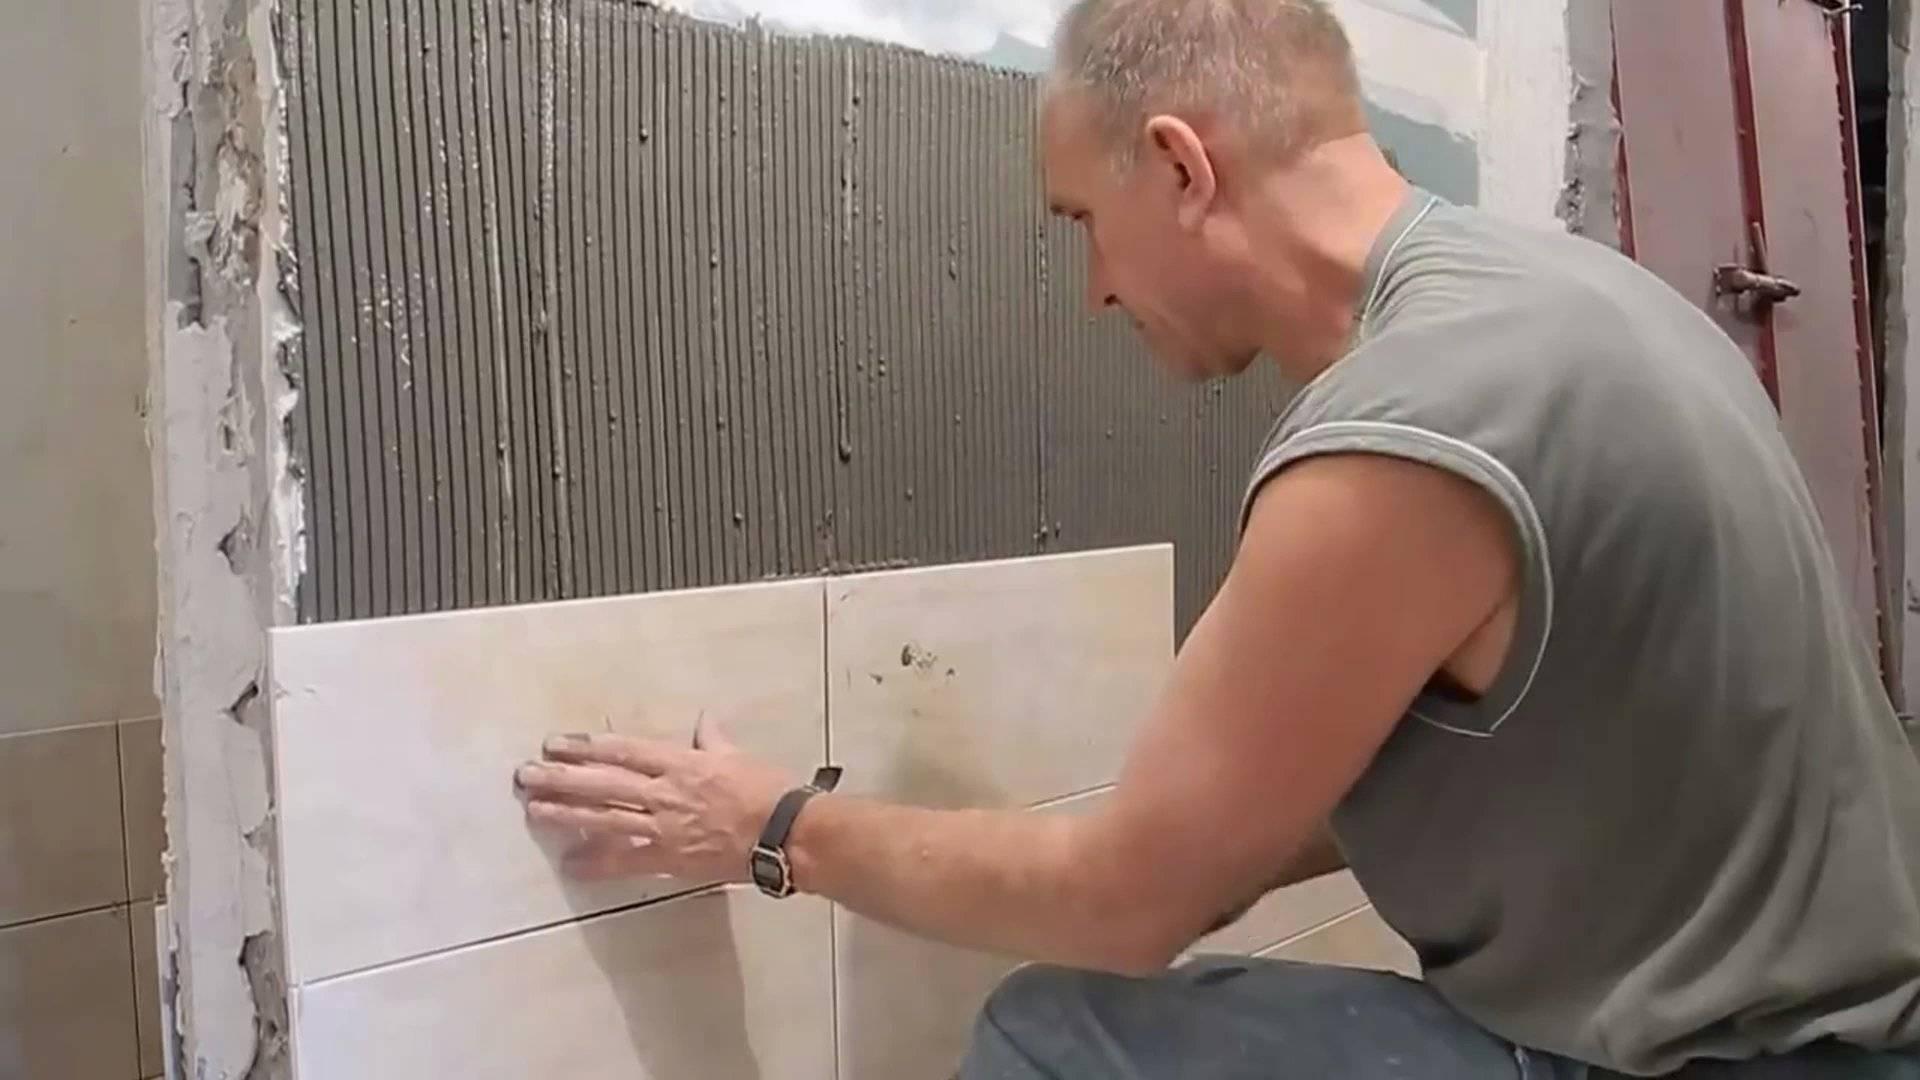 Укладка керамической плитки: технология, материалы, инструменты, способы | строительный блог вити петрова